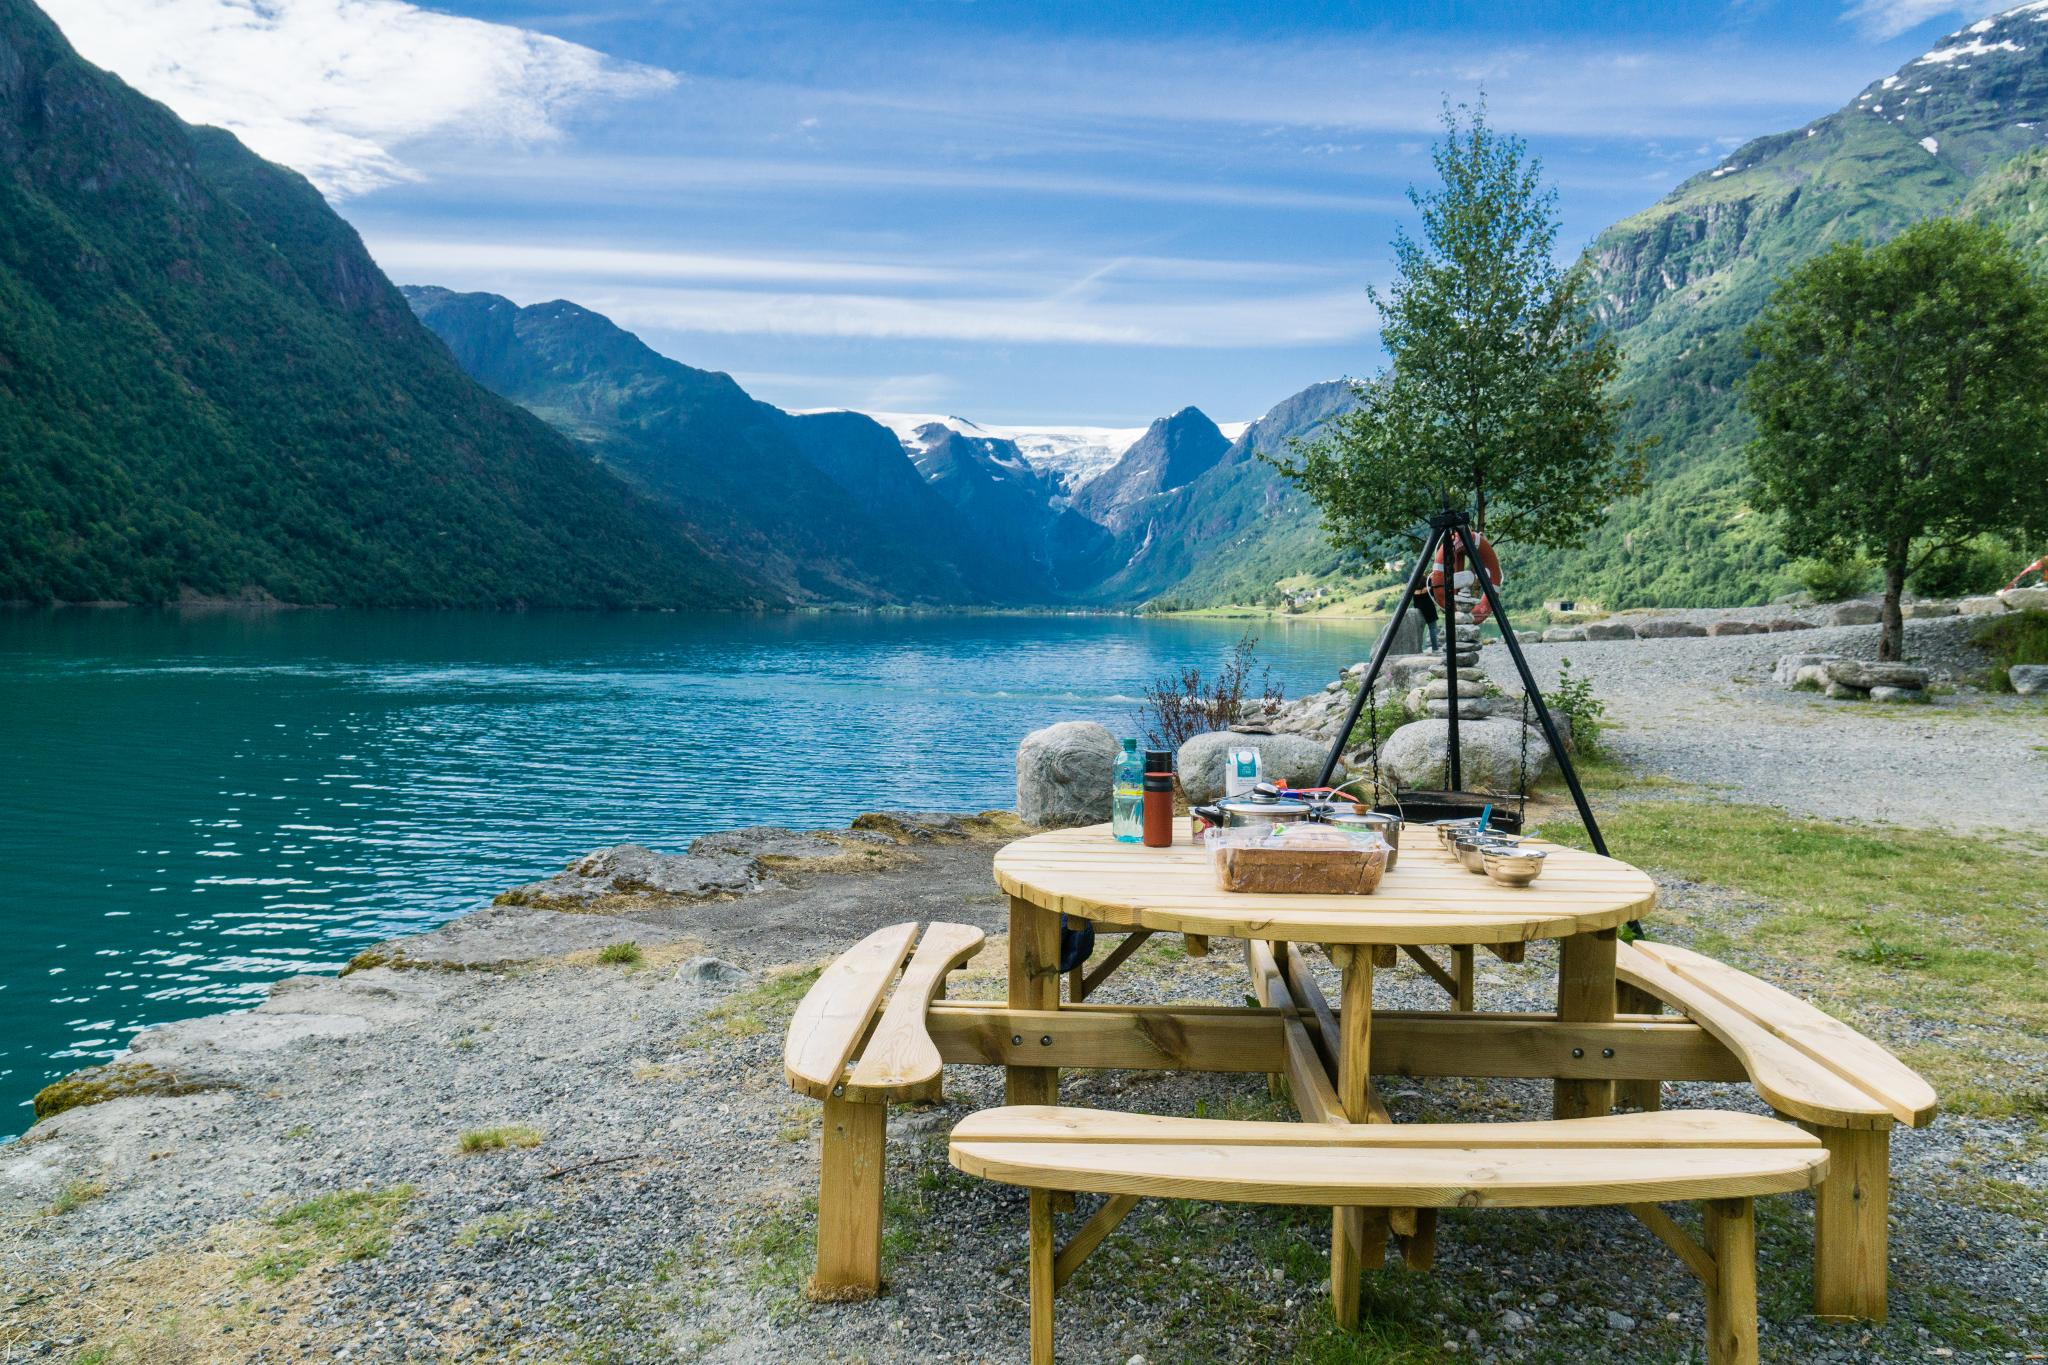 【北歐露營】擁抱Briksdal Glacier的怦然心動 - 在冰河最前緣露營的Gryta Camping 3